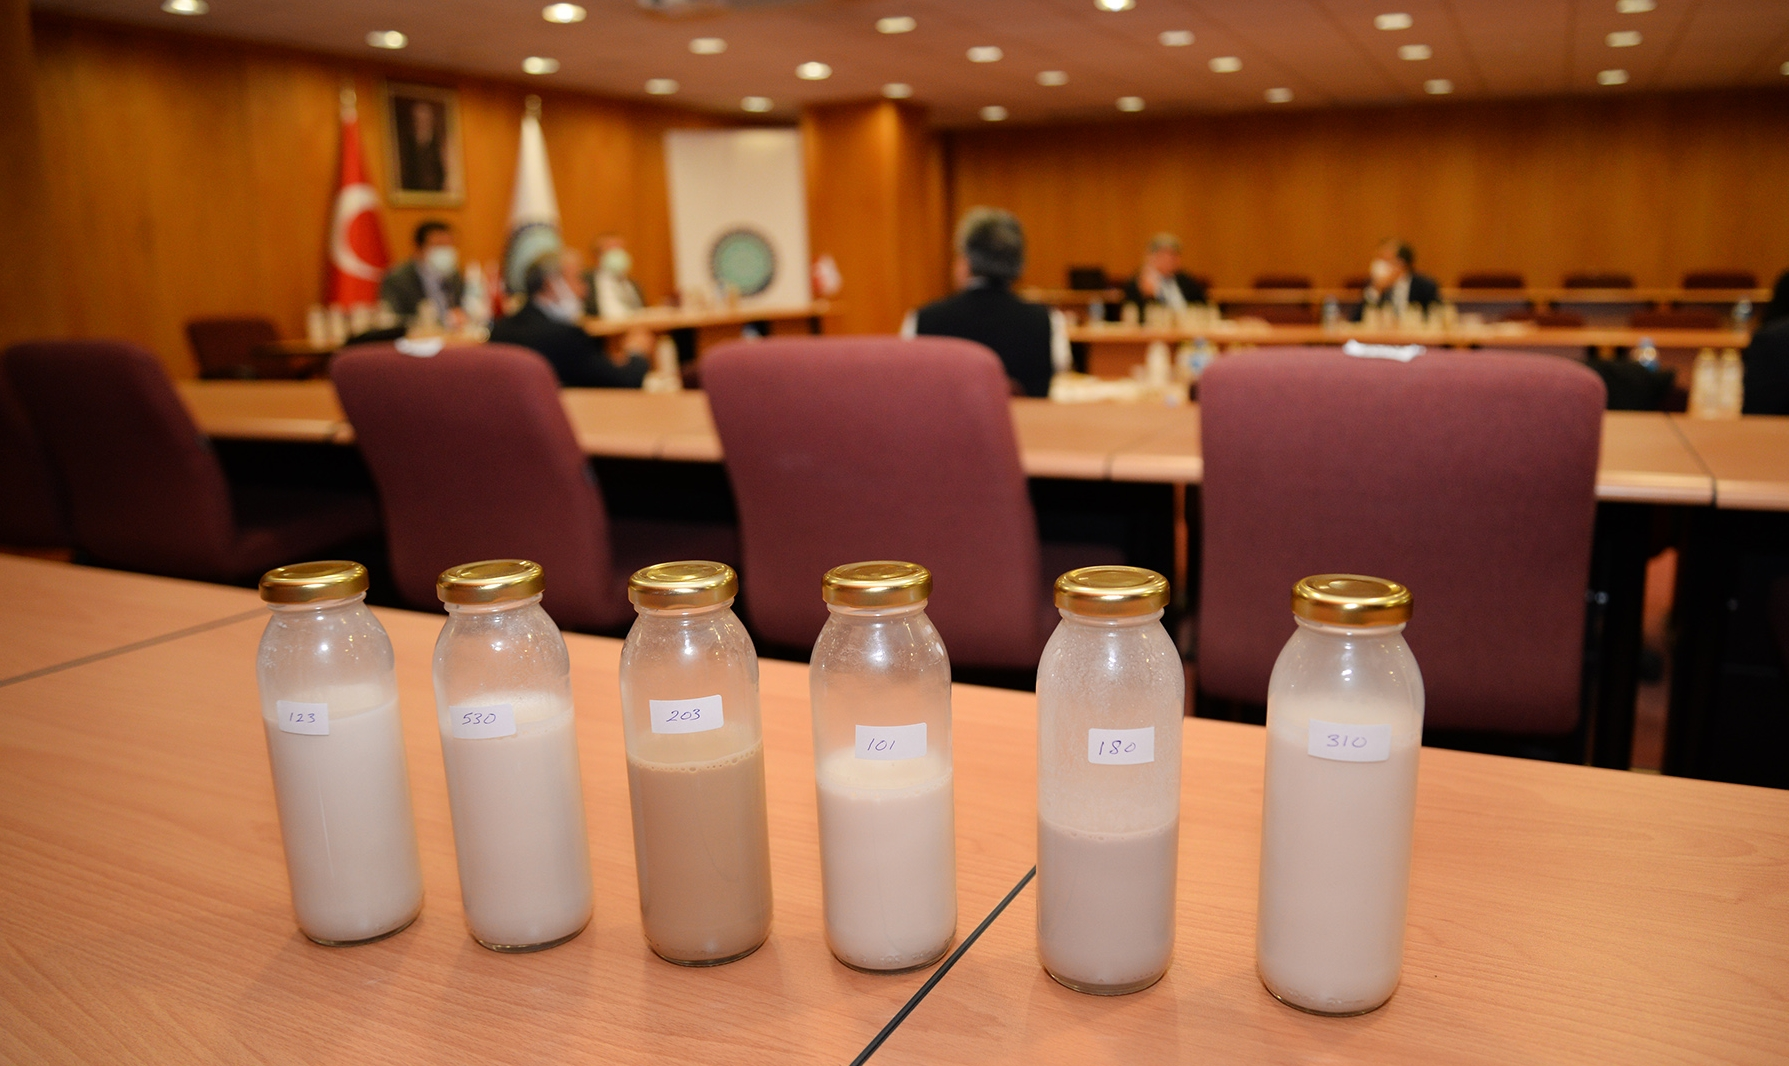 Uludağ Üniversitesi'nde ceviz suyundan süt ve yoğurt yapıldı